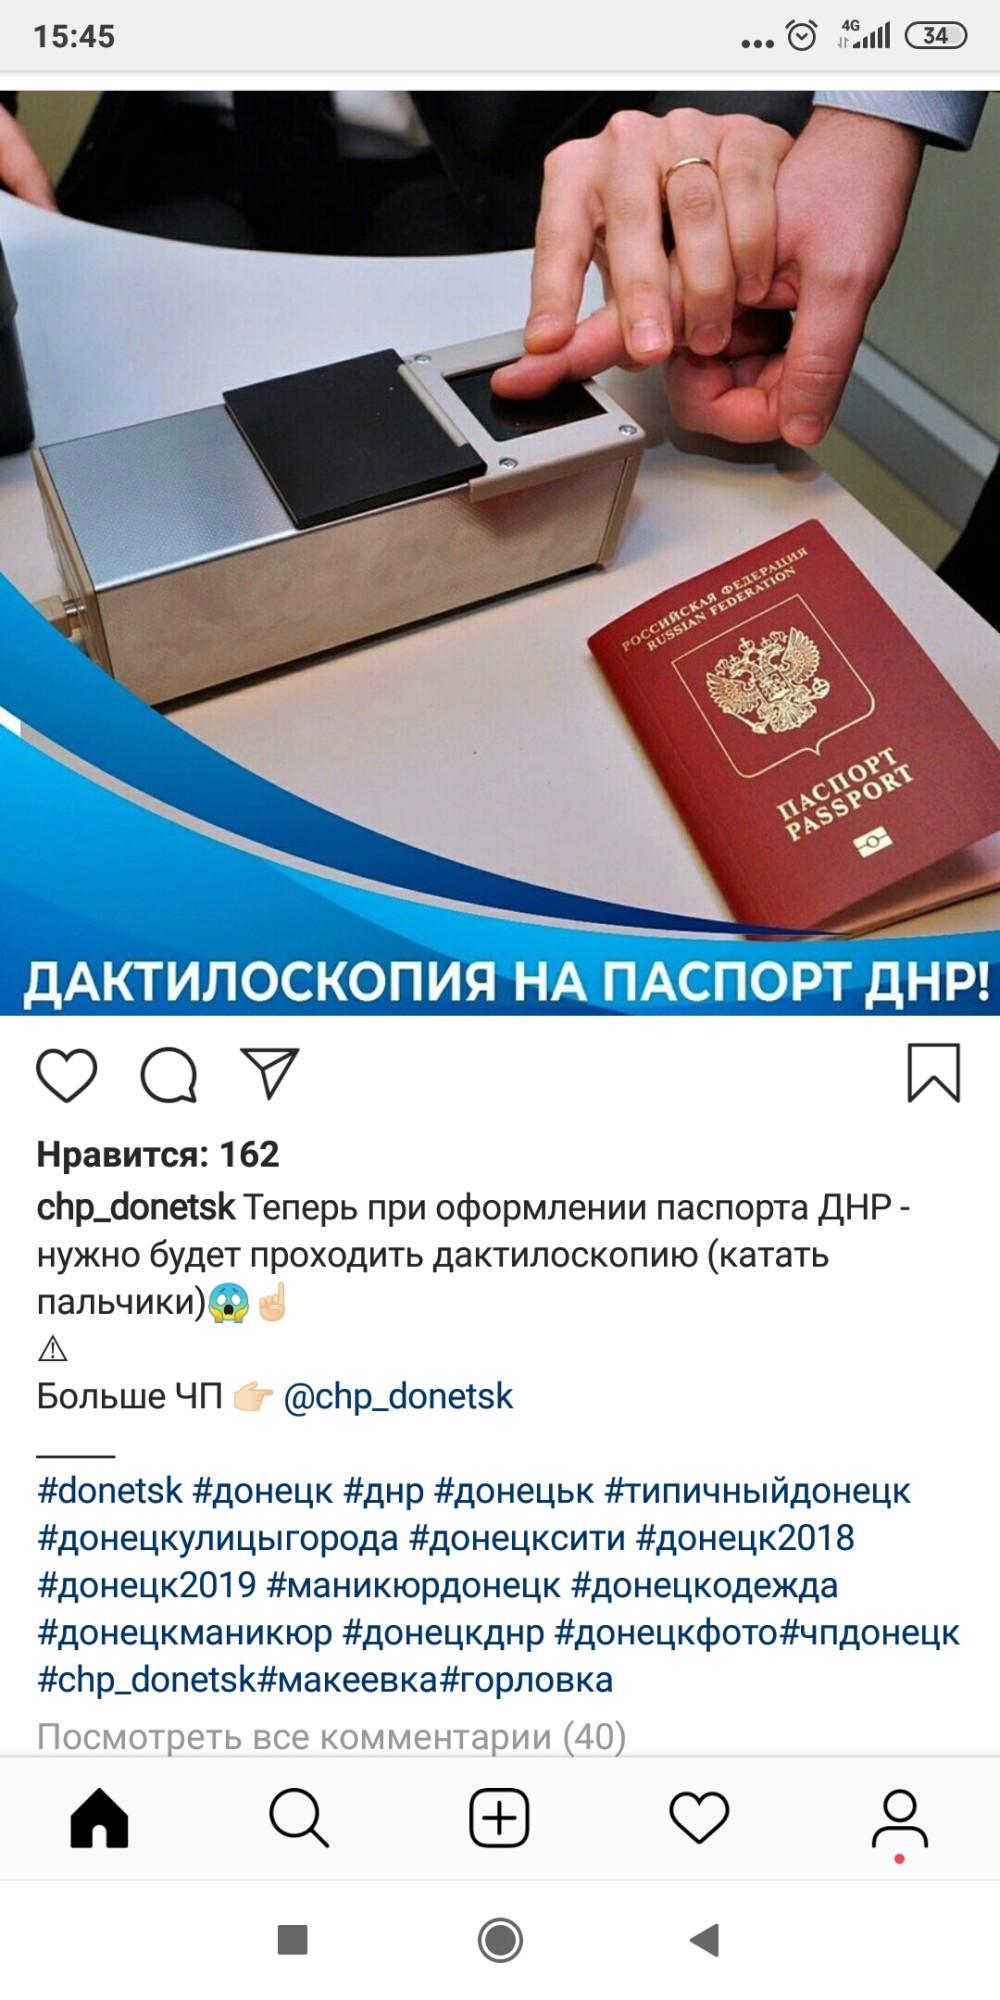 Теперь чтобы получить этот документ внутреннего пользования, надо сдавать отпечатки пальцев, ладони, ребра ладони... И сфотографировать свой фейс вдоль и поперек... Блин ну зачем 🙄, ладно там российский паспорт, или загран паспорт...нет, такое впечатление  чтобы знать кого подсадить...